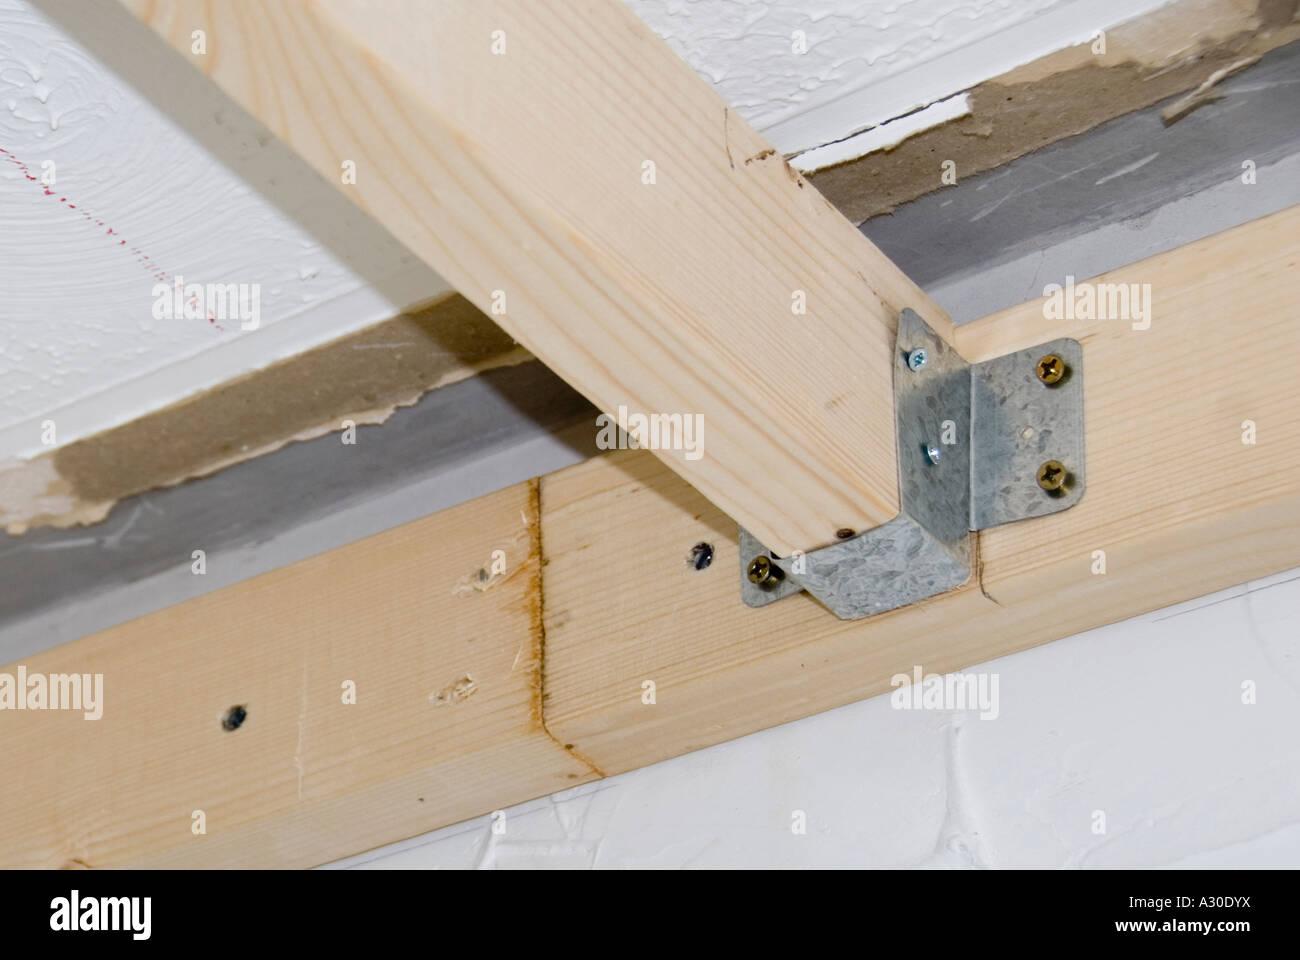 A Pressed Galvanised Steel Metal Bracket Used In Making A